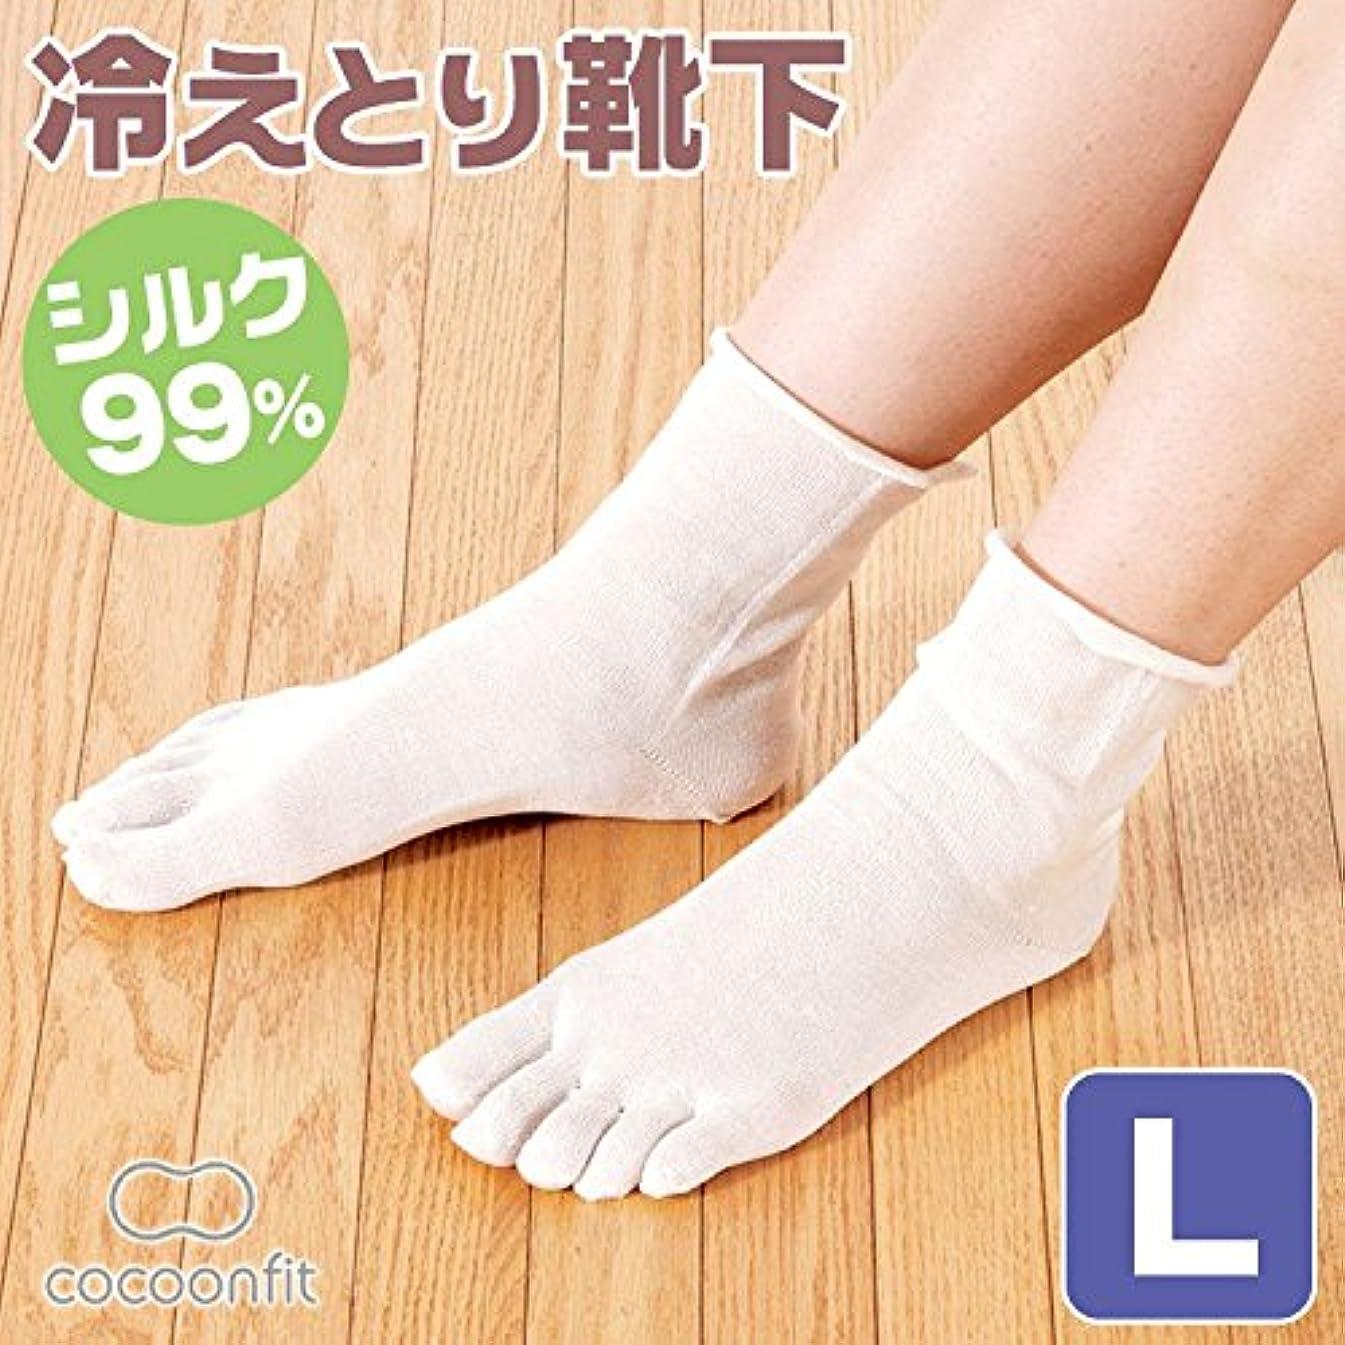 若い医薬品憲法冷え取り靴下 5本指ソックス シルク[Lサイズ:25~27cm] ※重ね履き靴下の1枚目のみ cocoonfit